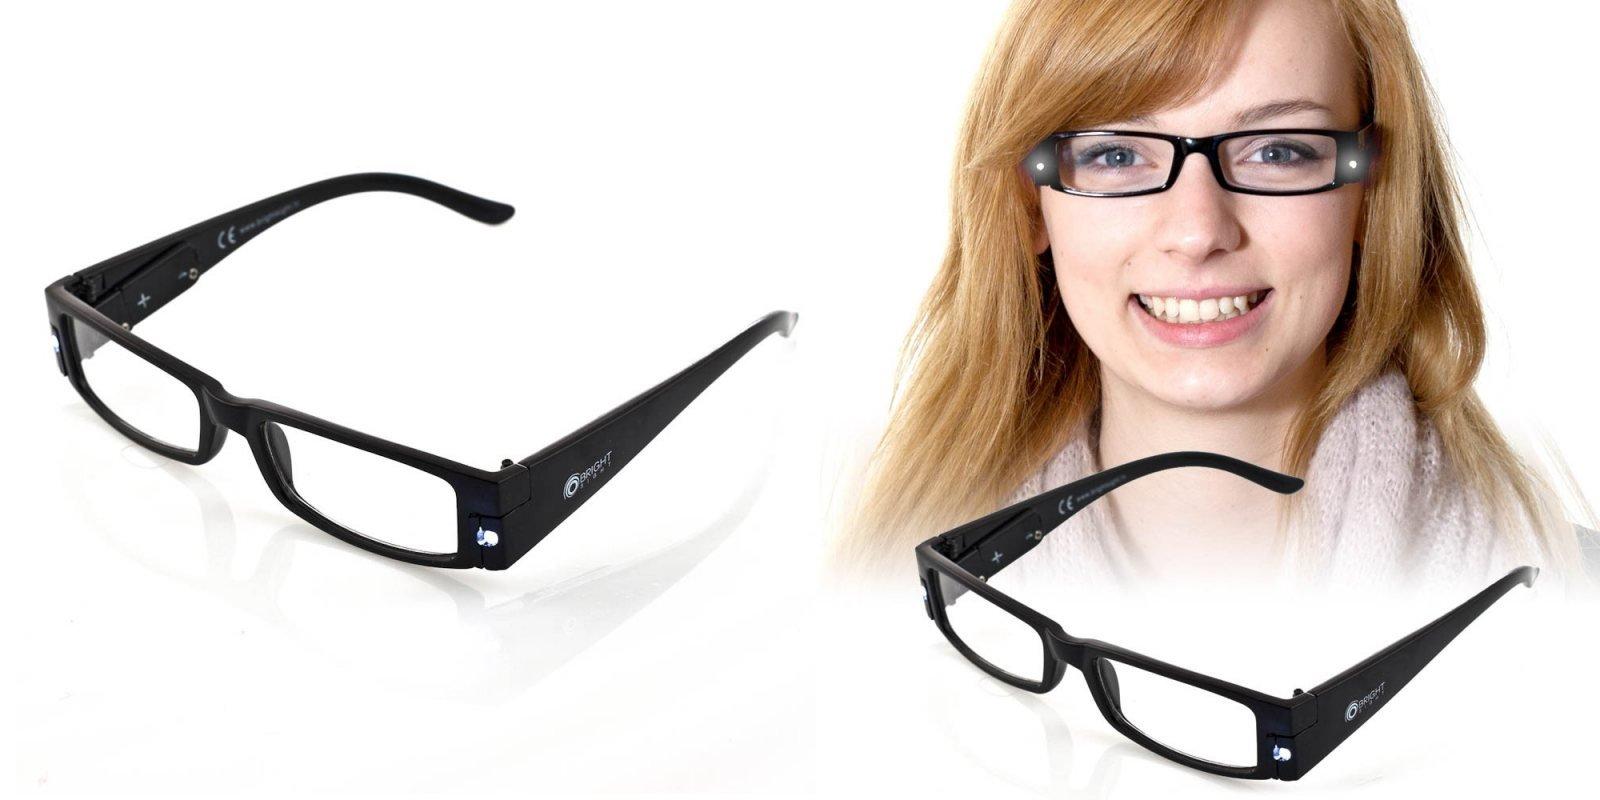 Gafas de lectura con luz ideas para regalar - Luces de lectura ...